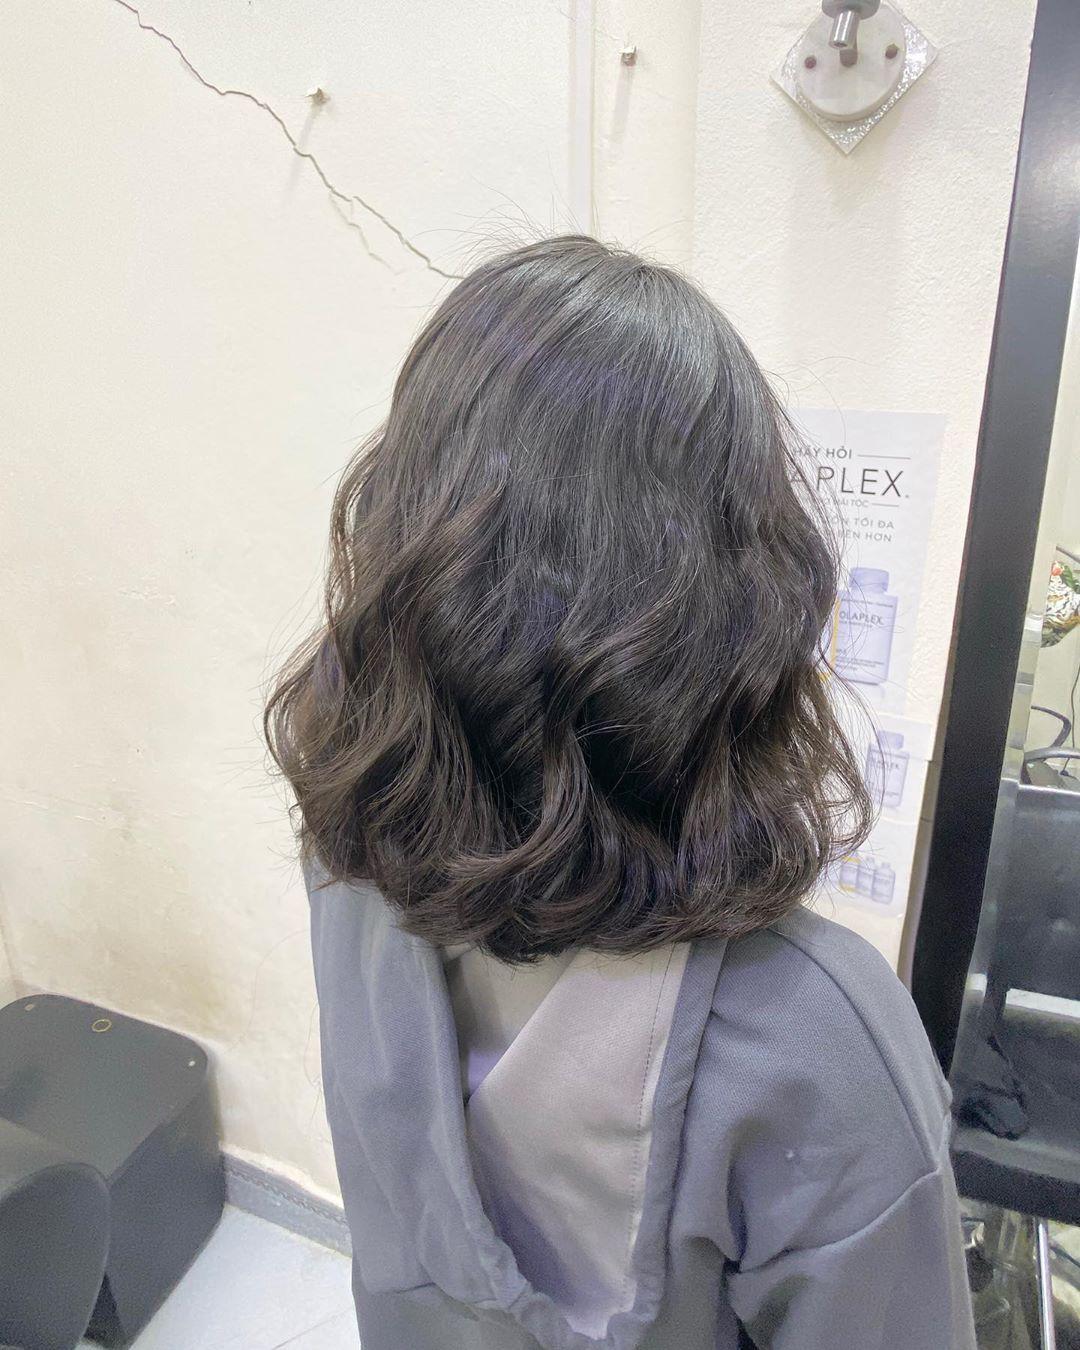 Kiểu tóc ngắn xoăn sóng đẹp